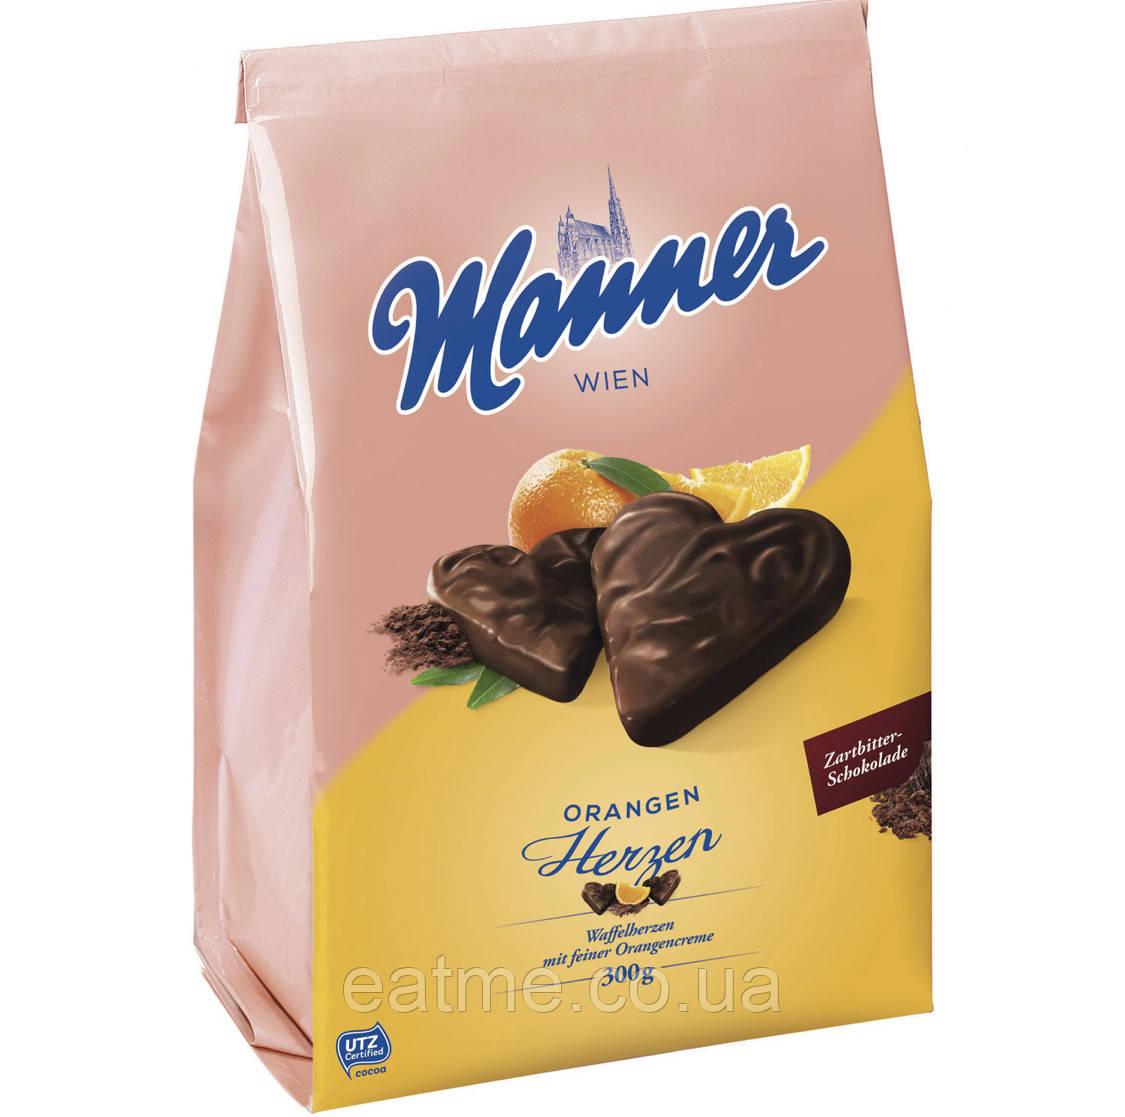 Вафли Manner Orangen Herze с апельсиновой начинкой в чёрном шоколаде